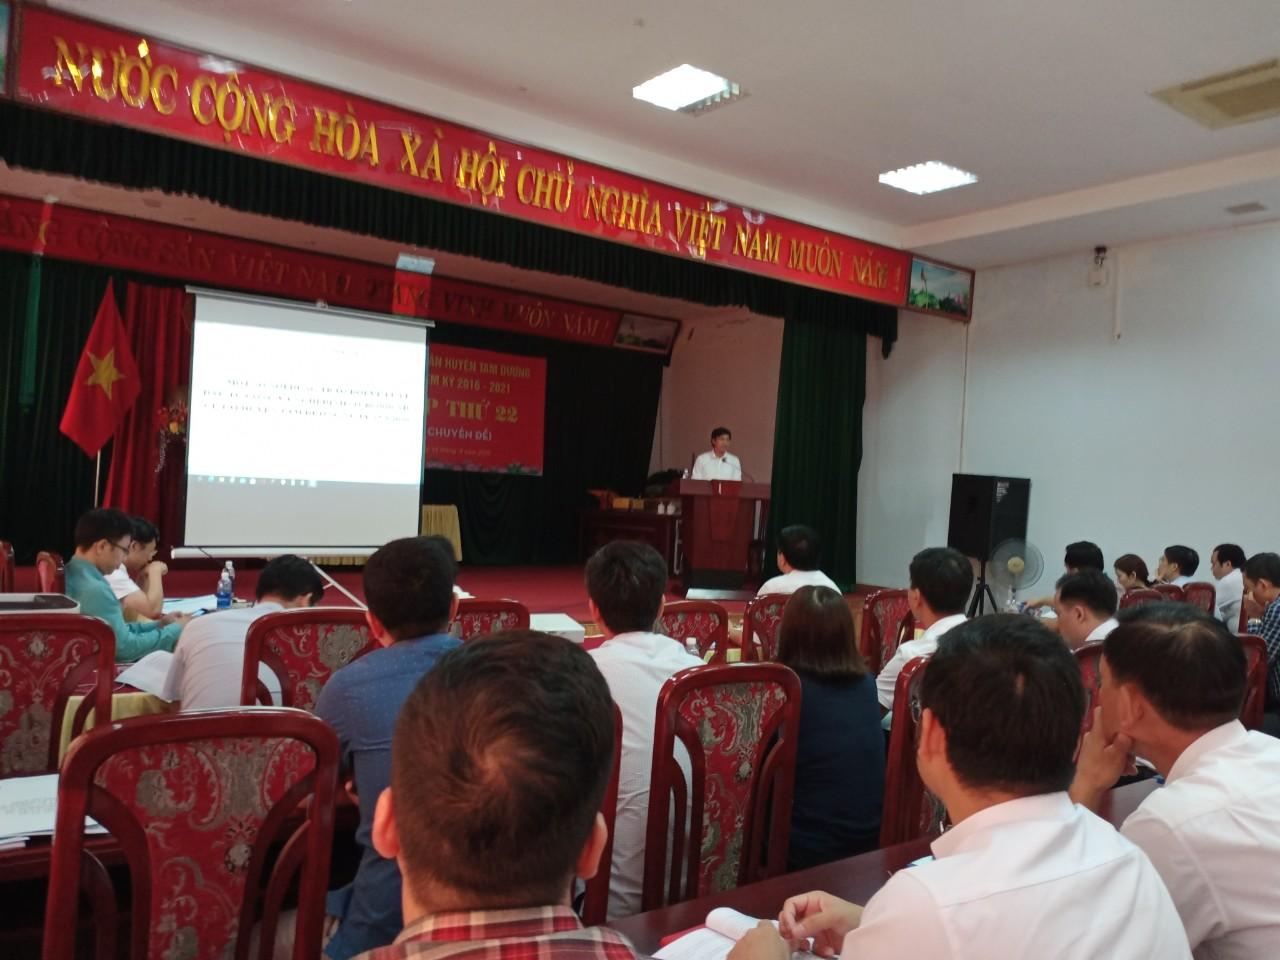 Tháo gỡ khó khăn, vướng mắc trong triển khai thực hiện Luật Đầu tư công năm 2019 trên địa bàn huyện Tam Dương